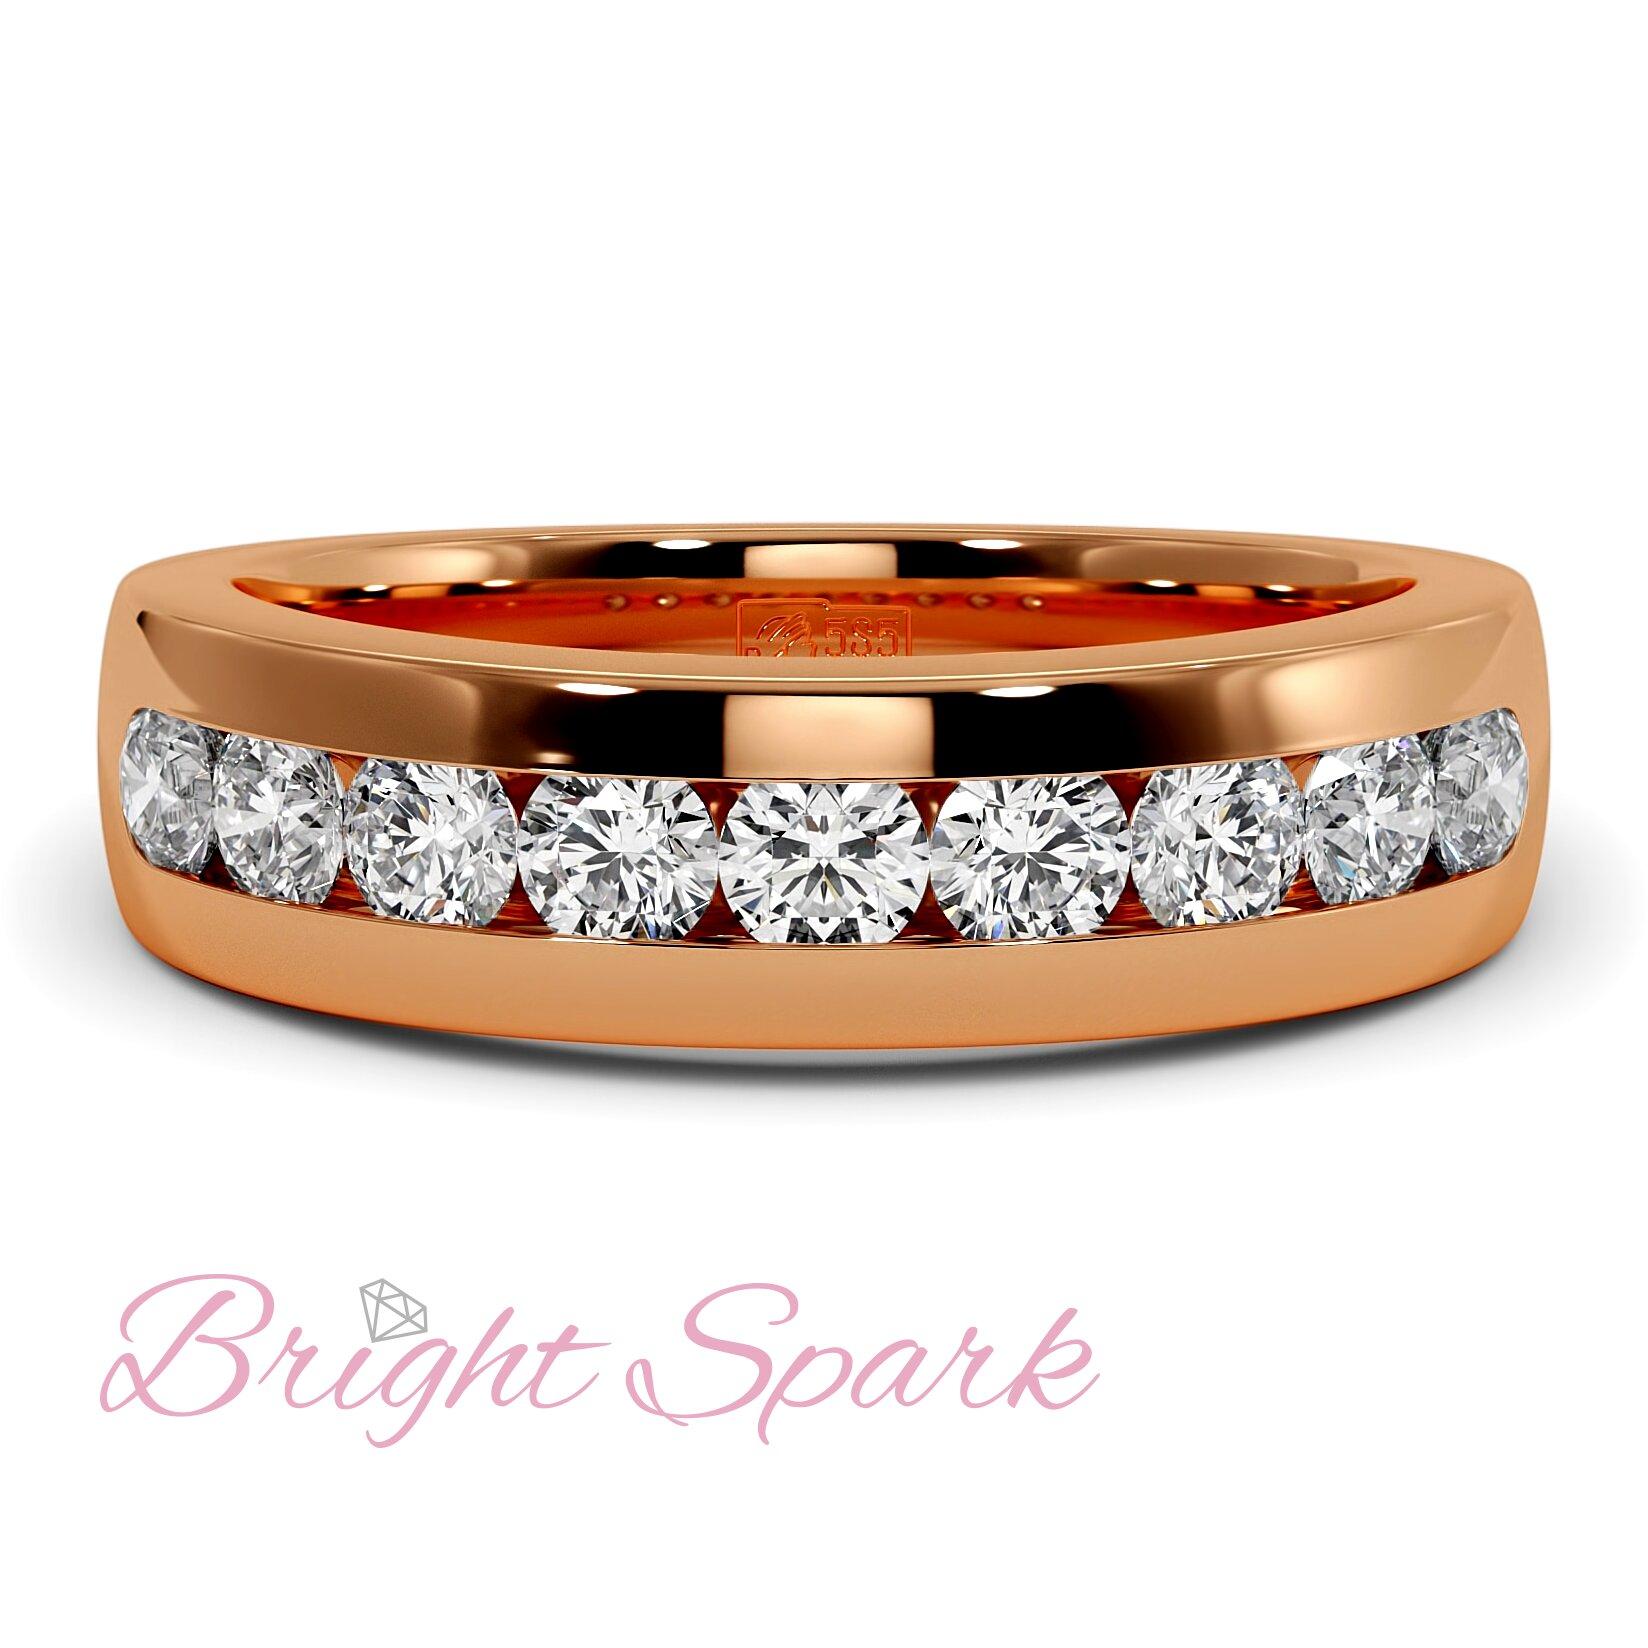 Обручальное кольцо красного золота с 9 камнями Robert 0,9 карата